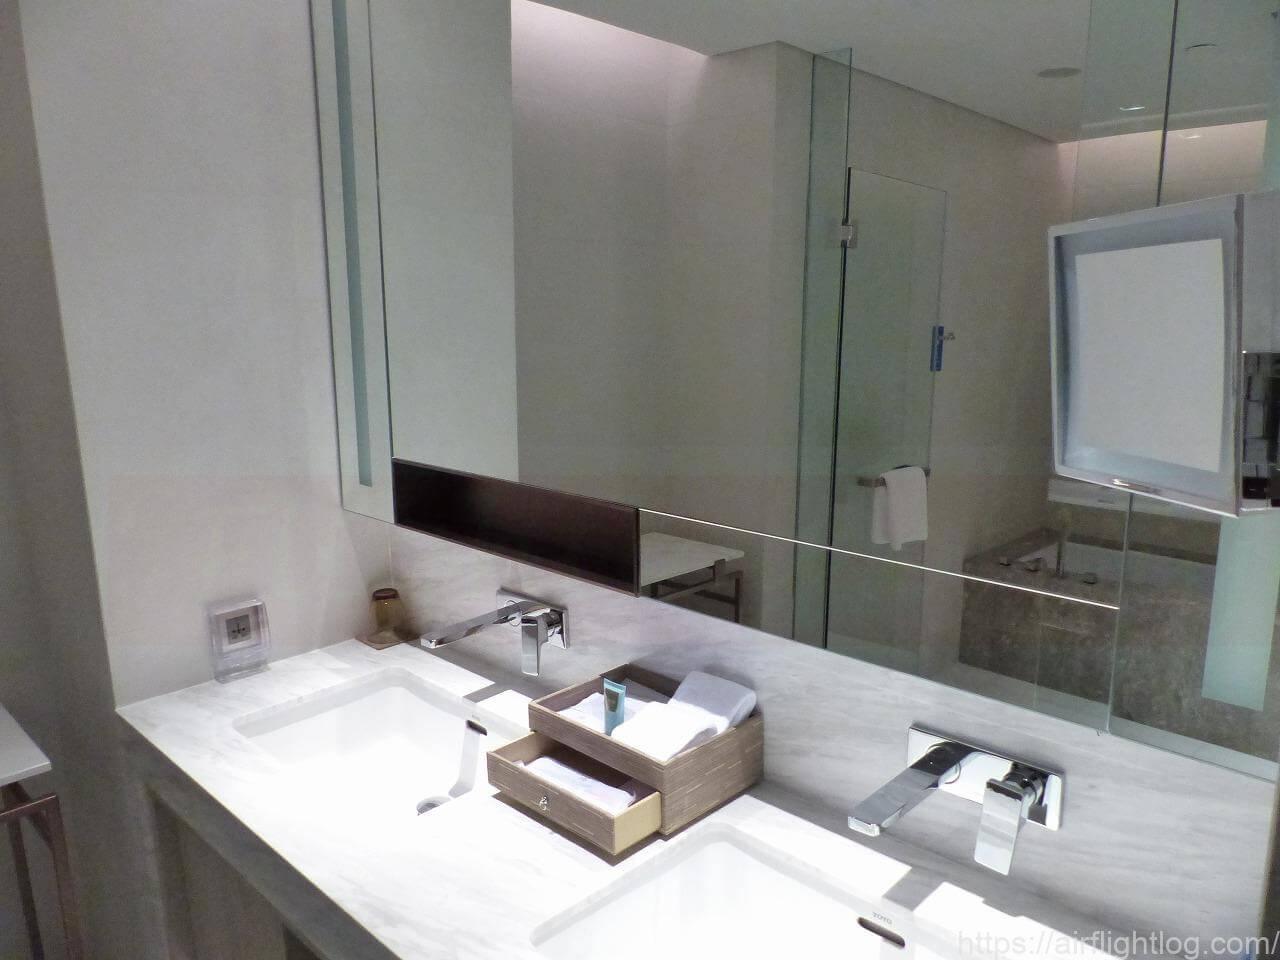 ホテル ニッコー・バンコク「プレミアルーム」客室(ウエットエリア/洗面台)